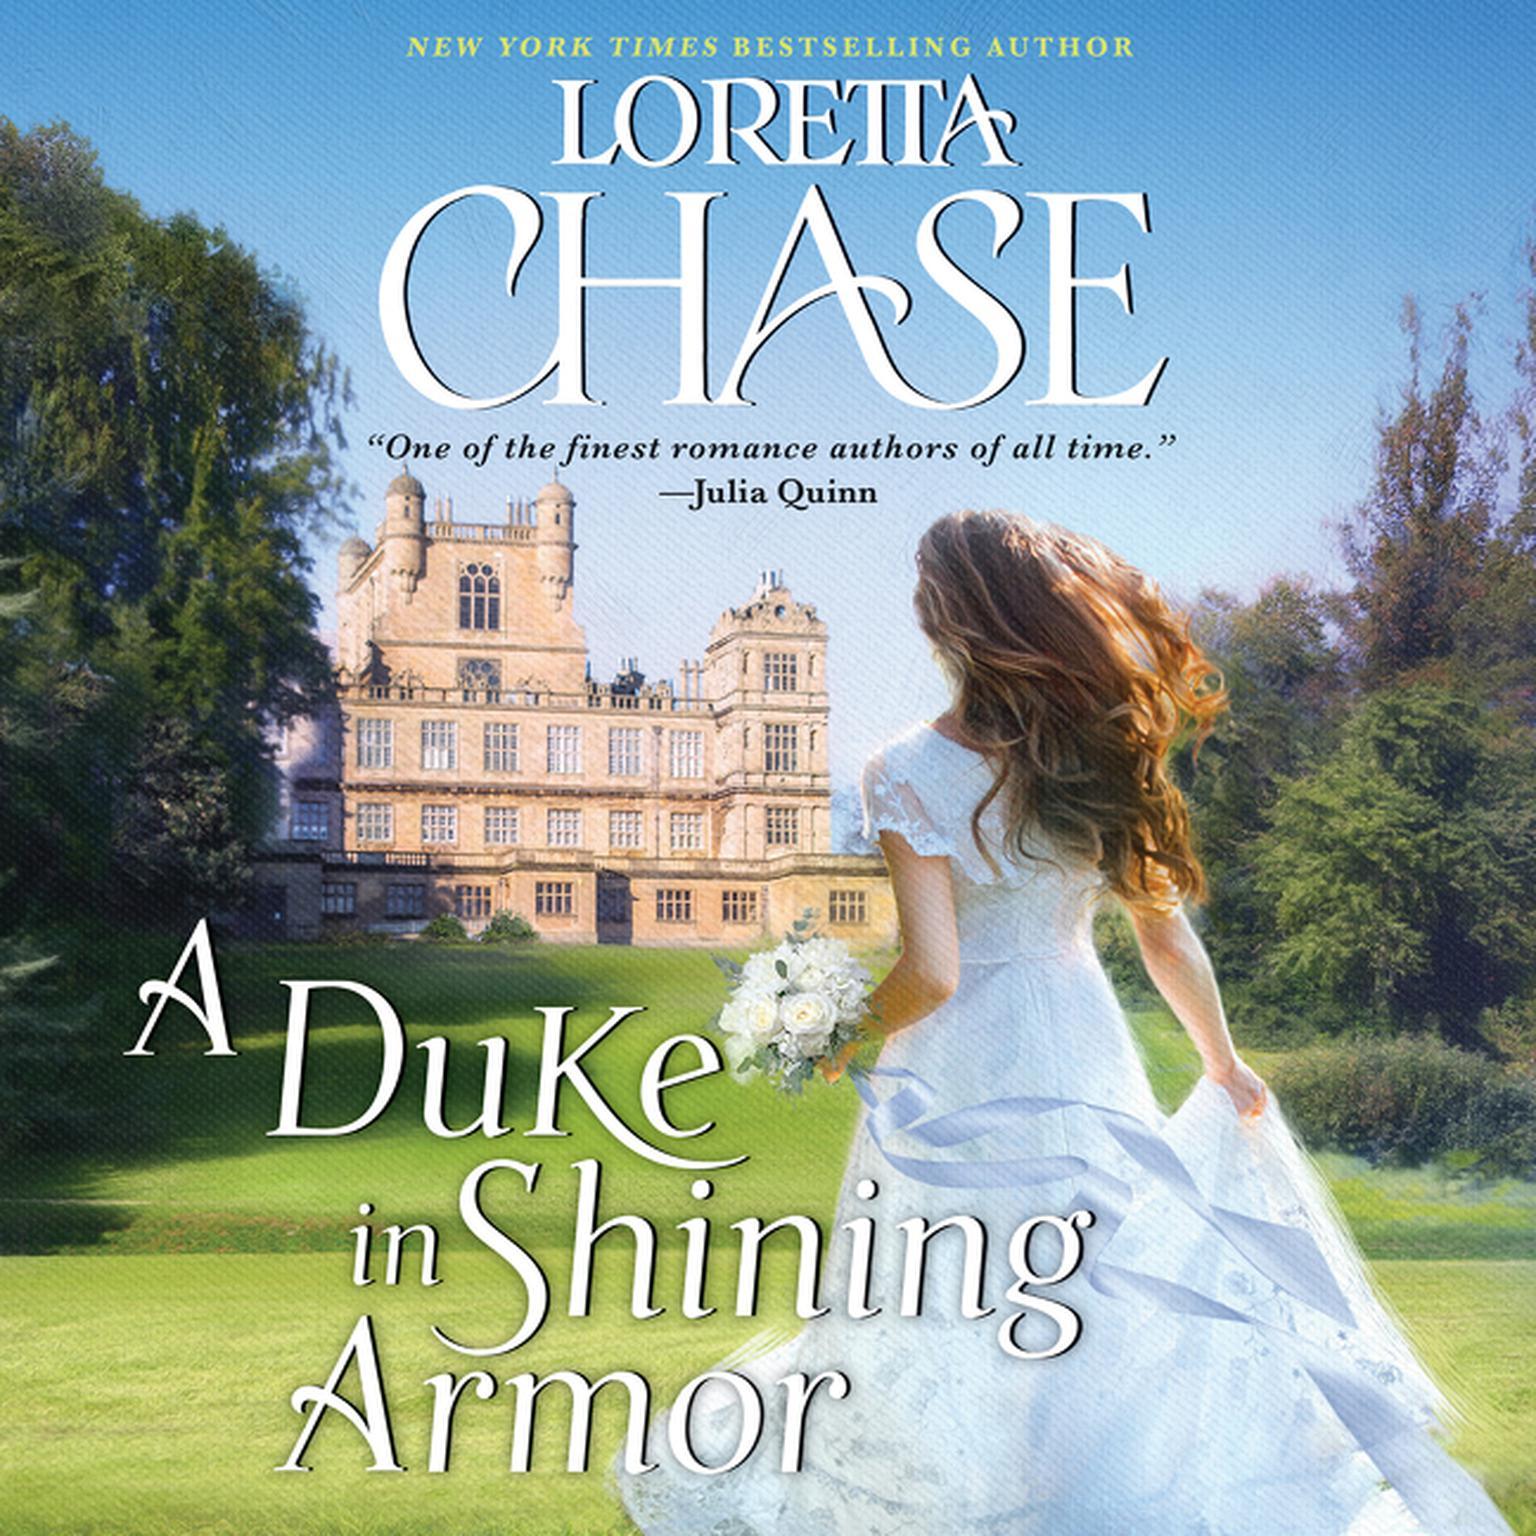 Printable A Duke in Shining Armor: Difficult Dukes Audiobook Cover Art